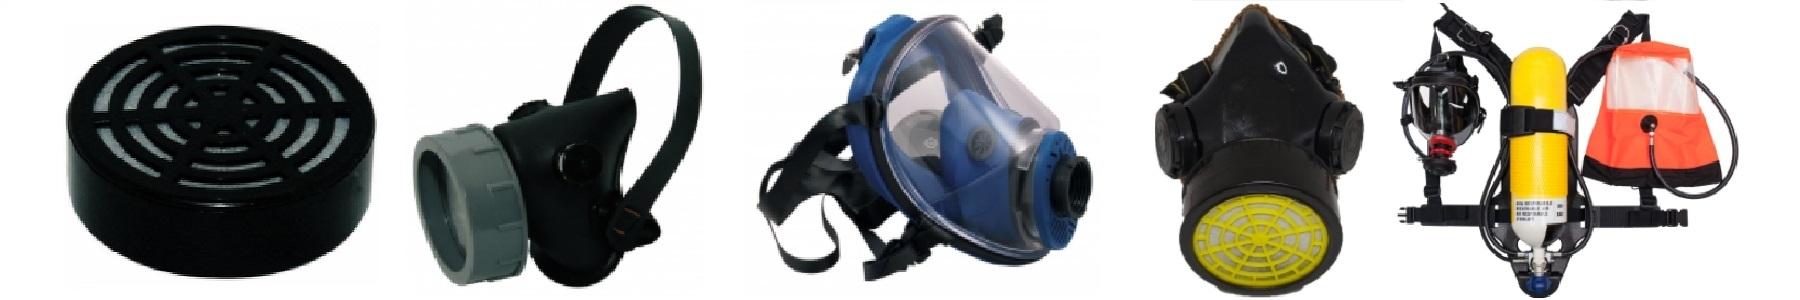 Προσωπίδες – αναπνευστικές συσκευές